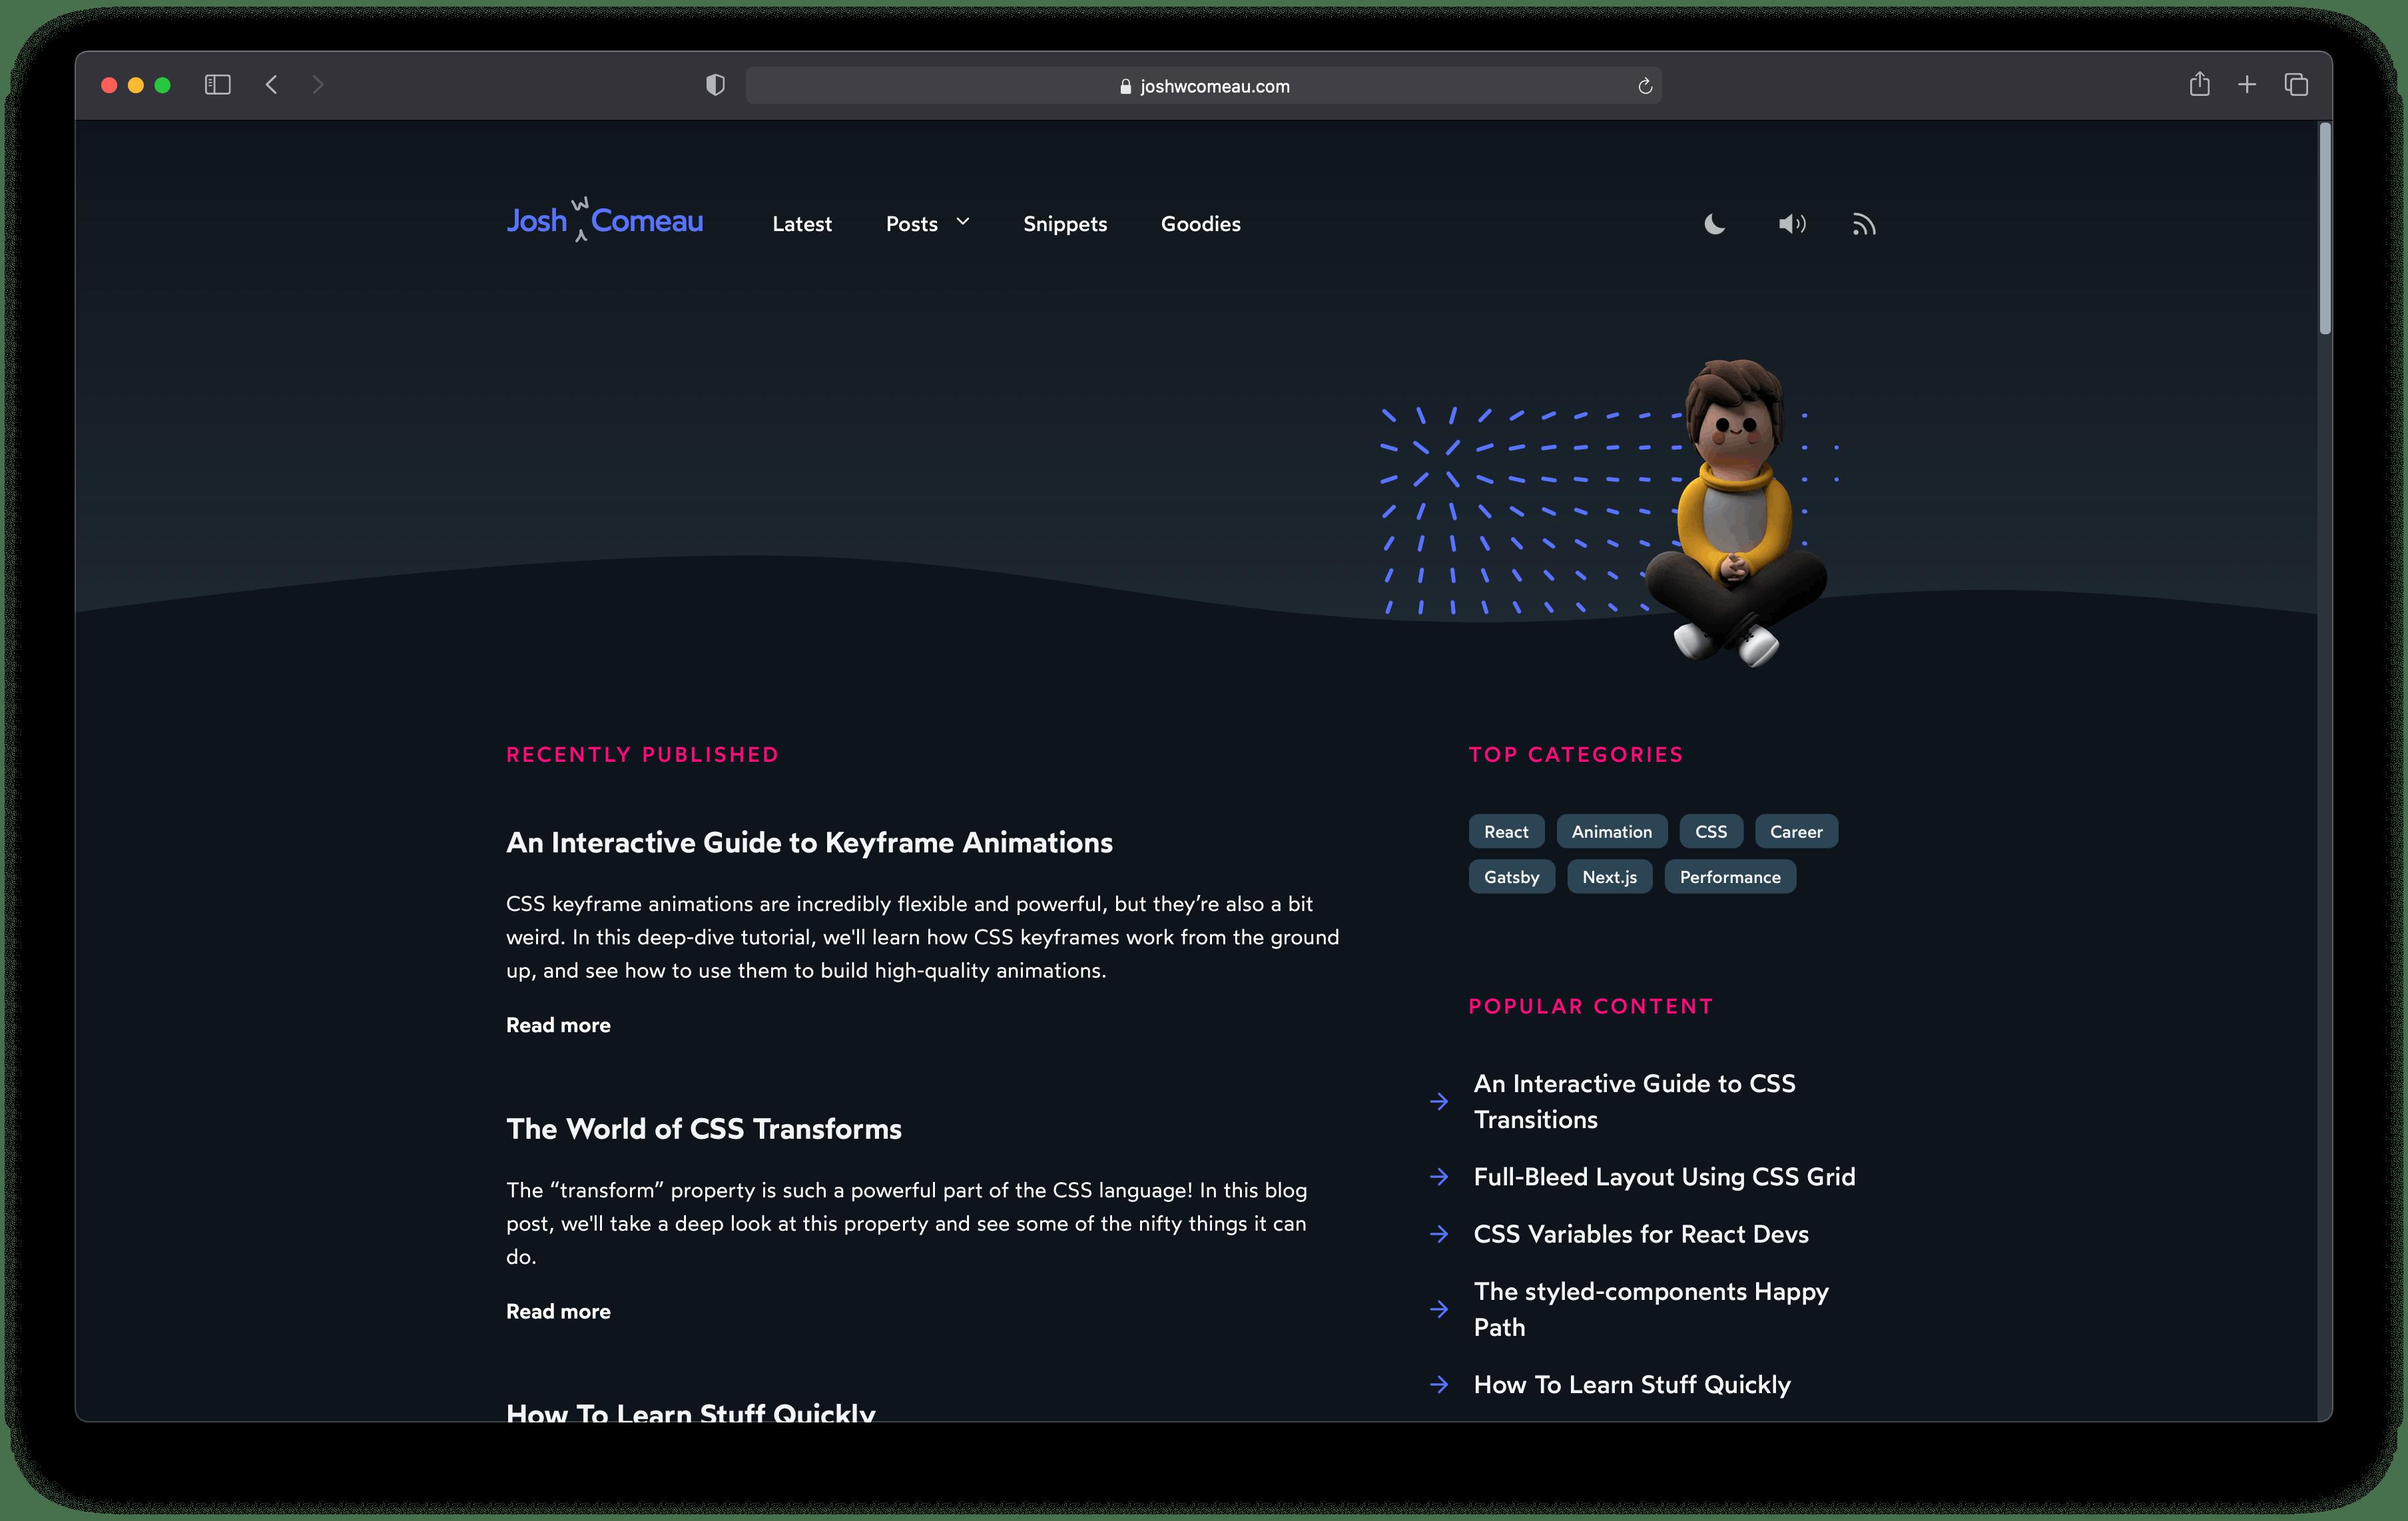 A screenshot of joshwcomeau.com website